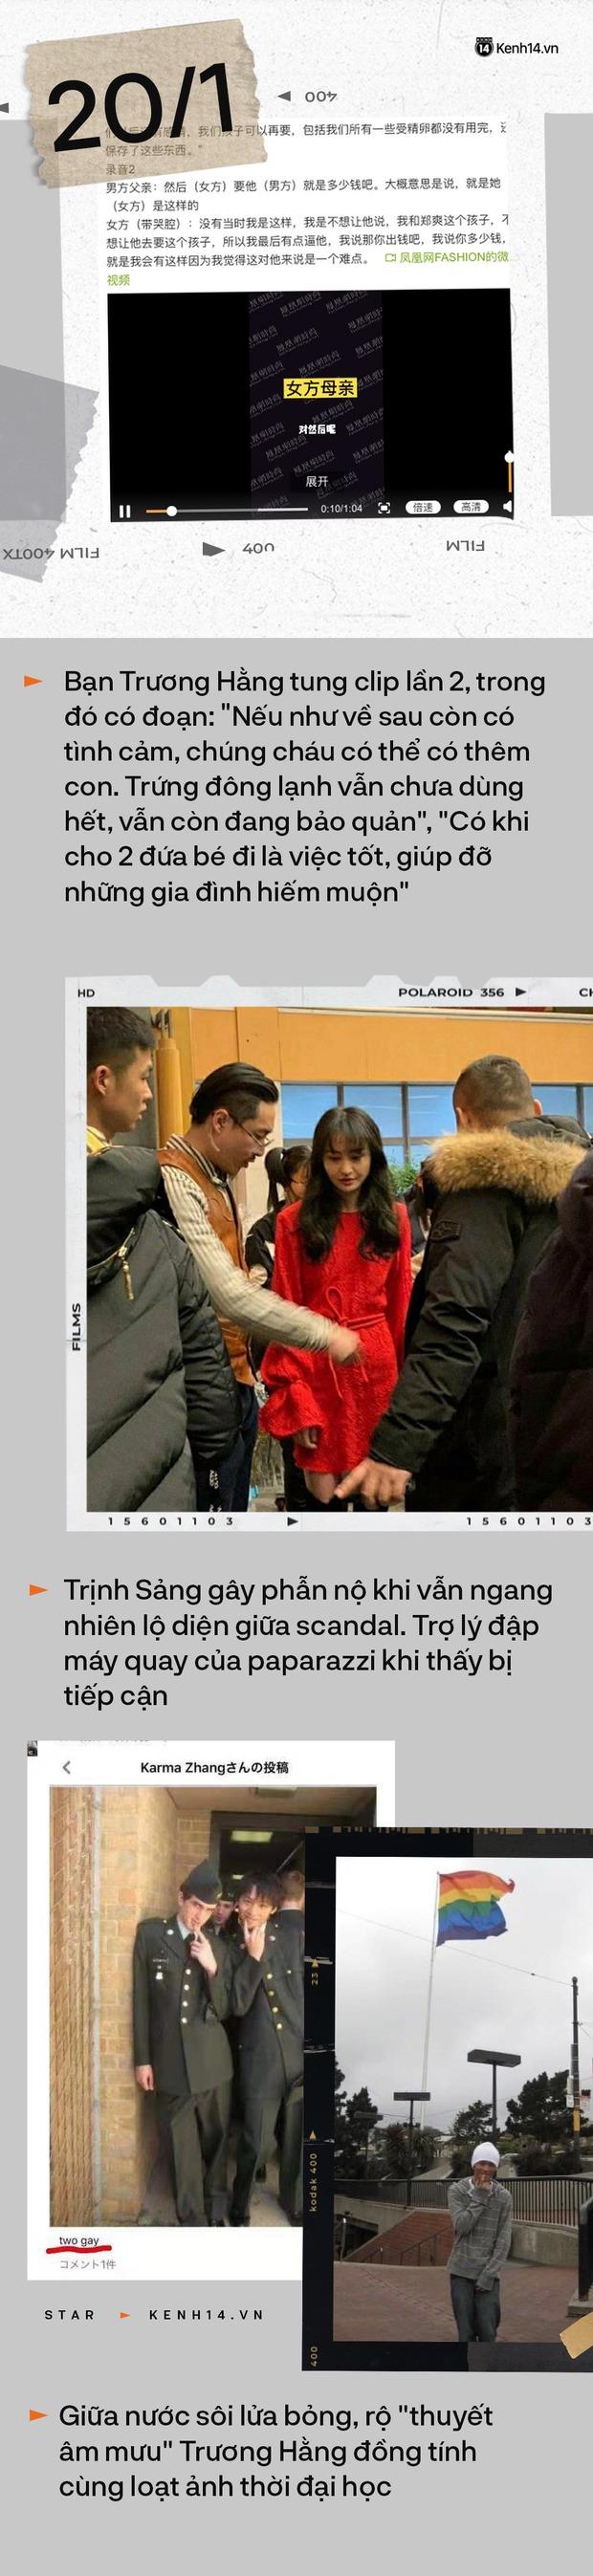 Toàn cảnh scandal khiến Trịnh Sảng thân bại danh liệt: Thuê người mang thai, ruồng bỏ con cái, Lee Jong Suk cũng bị réo tên - Ảnh 4.